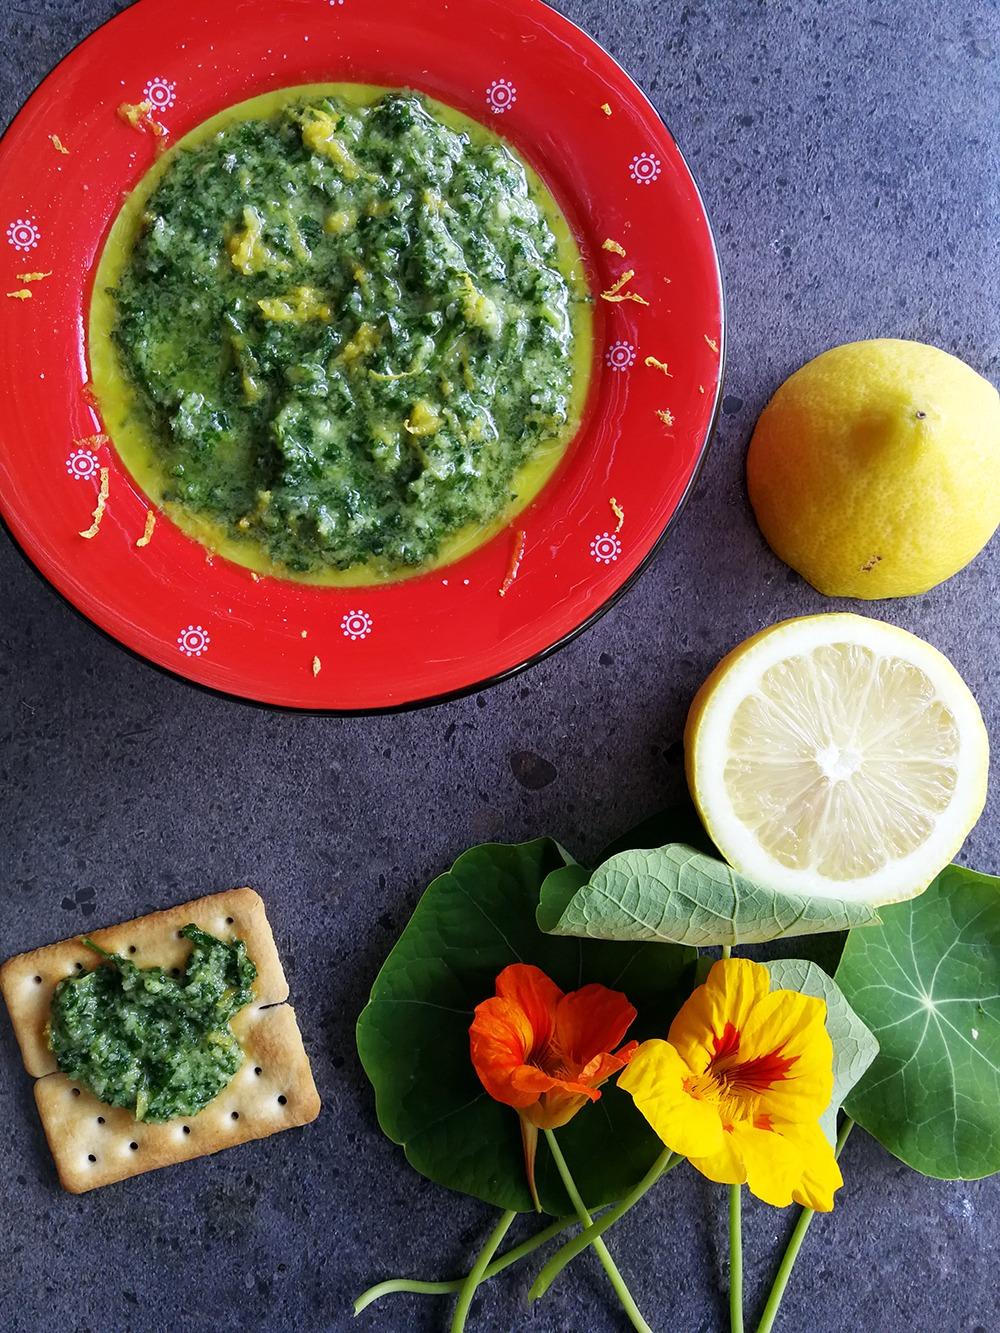 Go Forage and make some Delicious Nasturtium Pesto